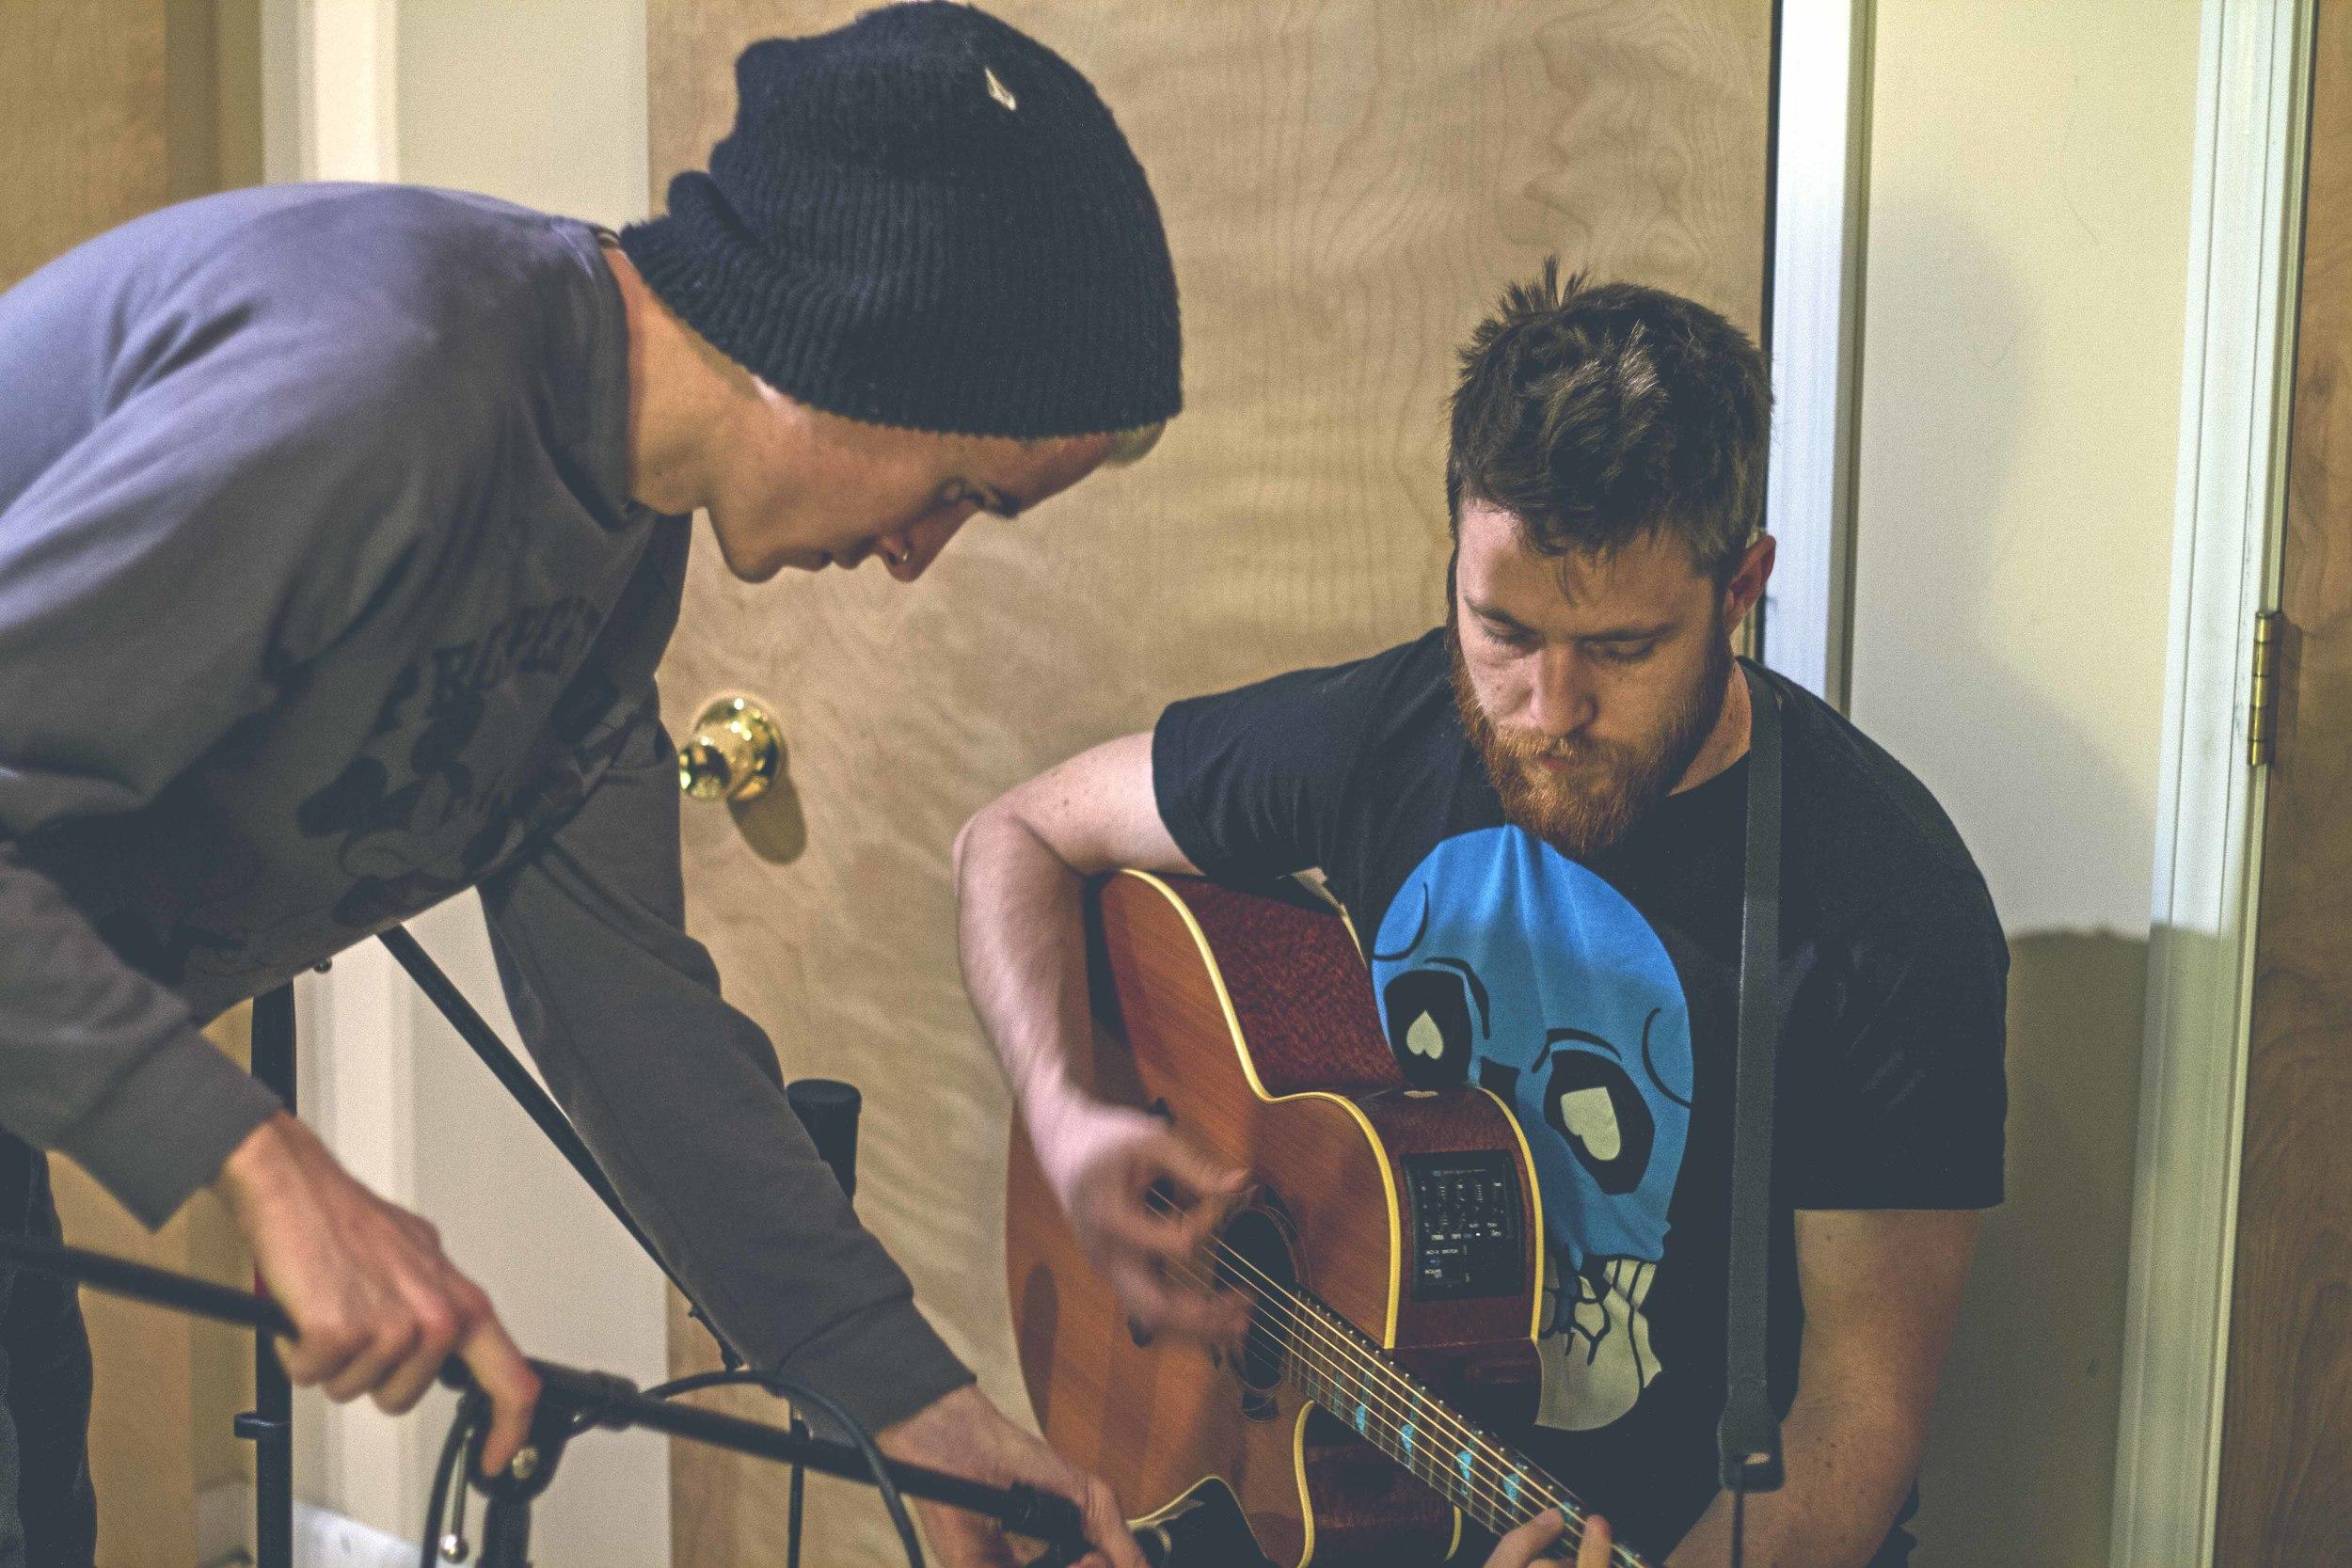 Aaron recording